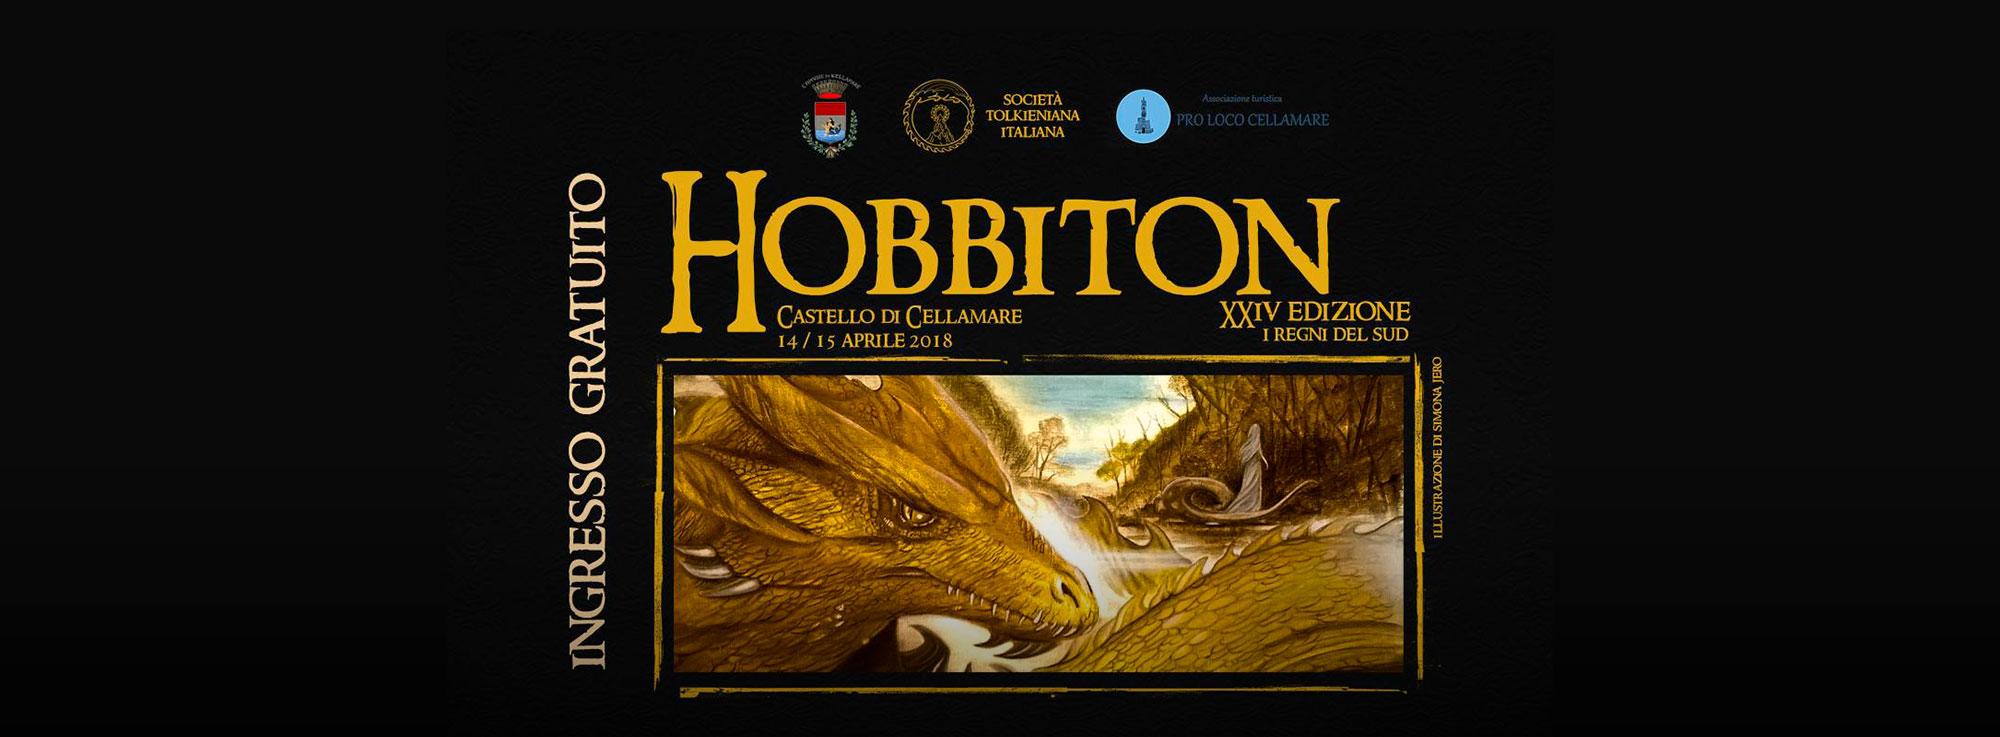 Cellamare: Hobbiton, I Regni del Sud